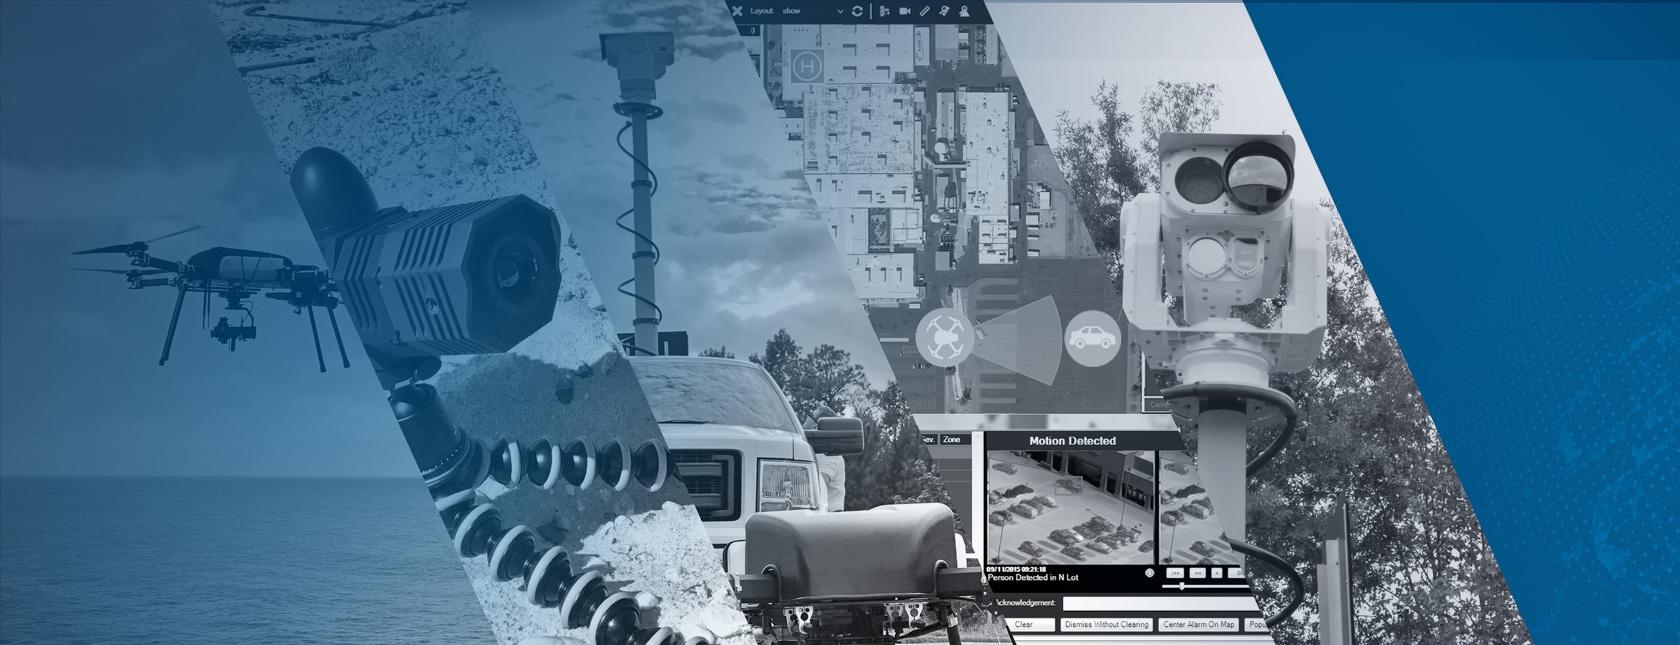 Surveillance-ISS-Banner-02.jpg